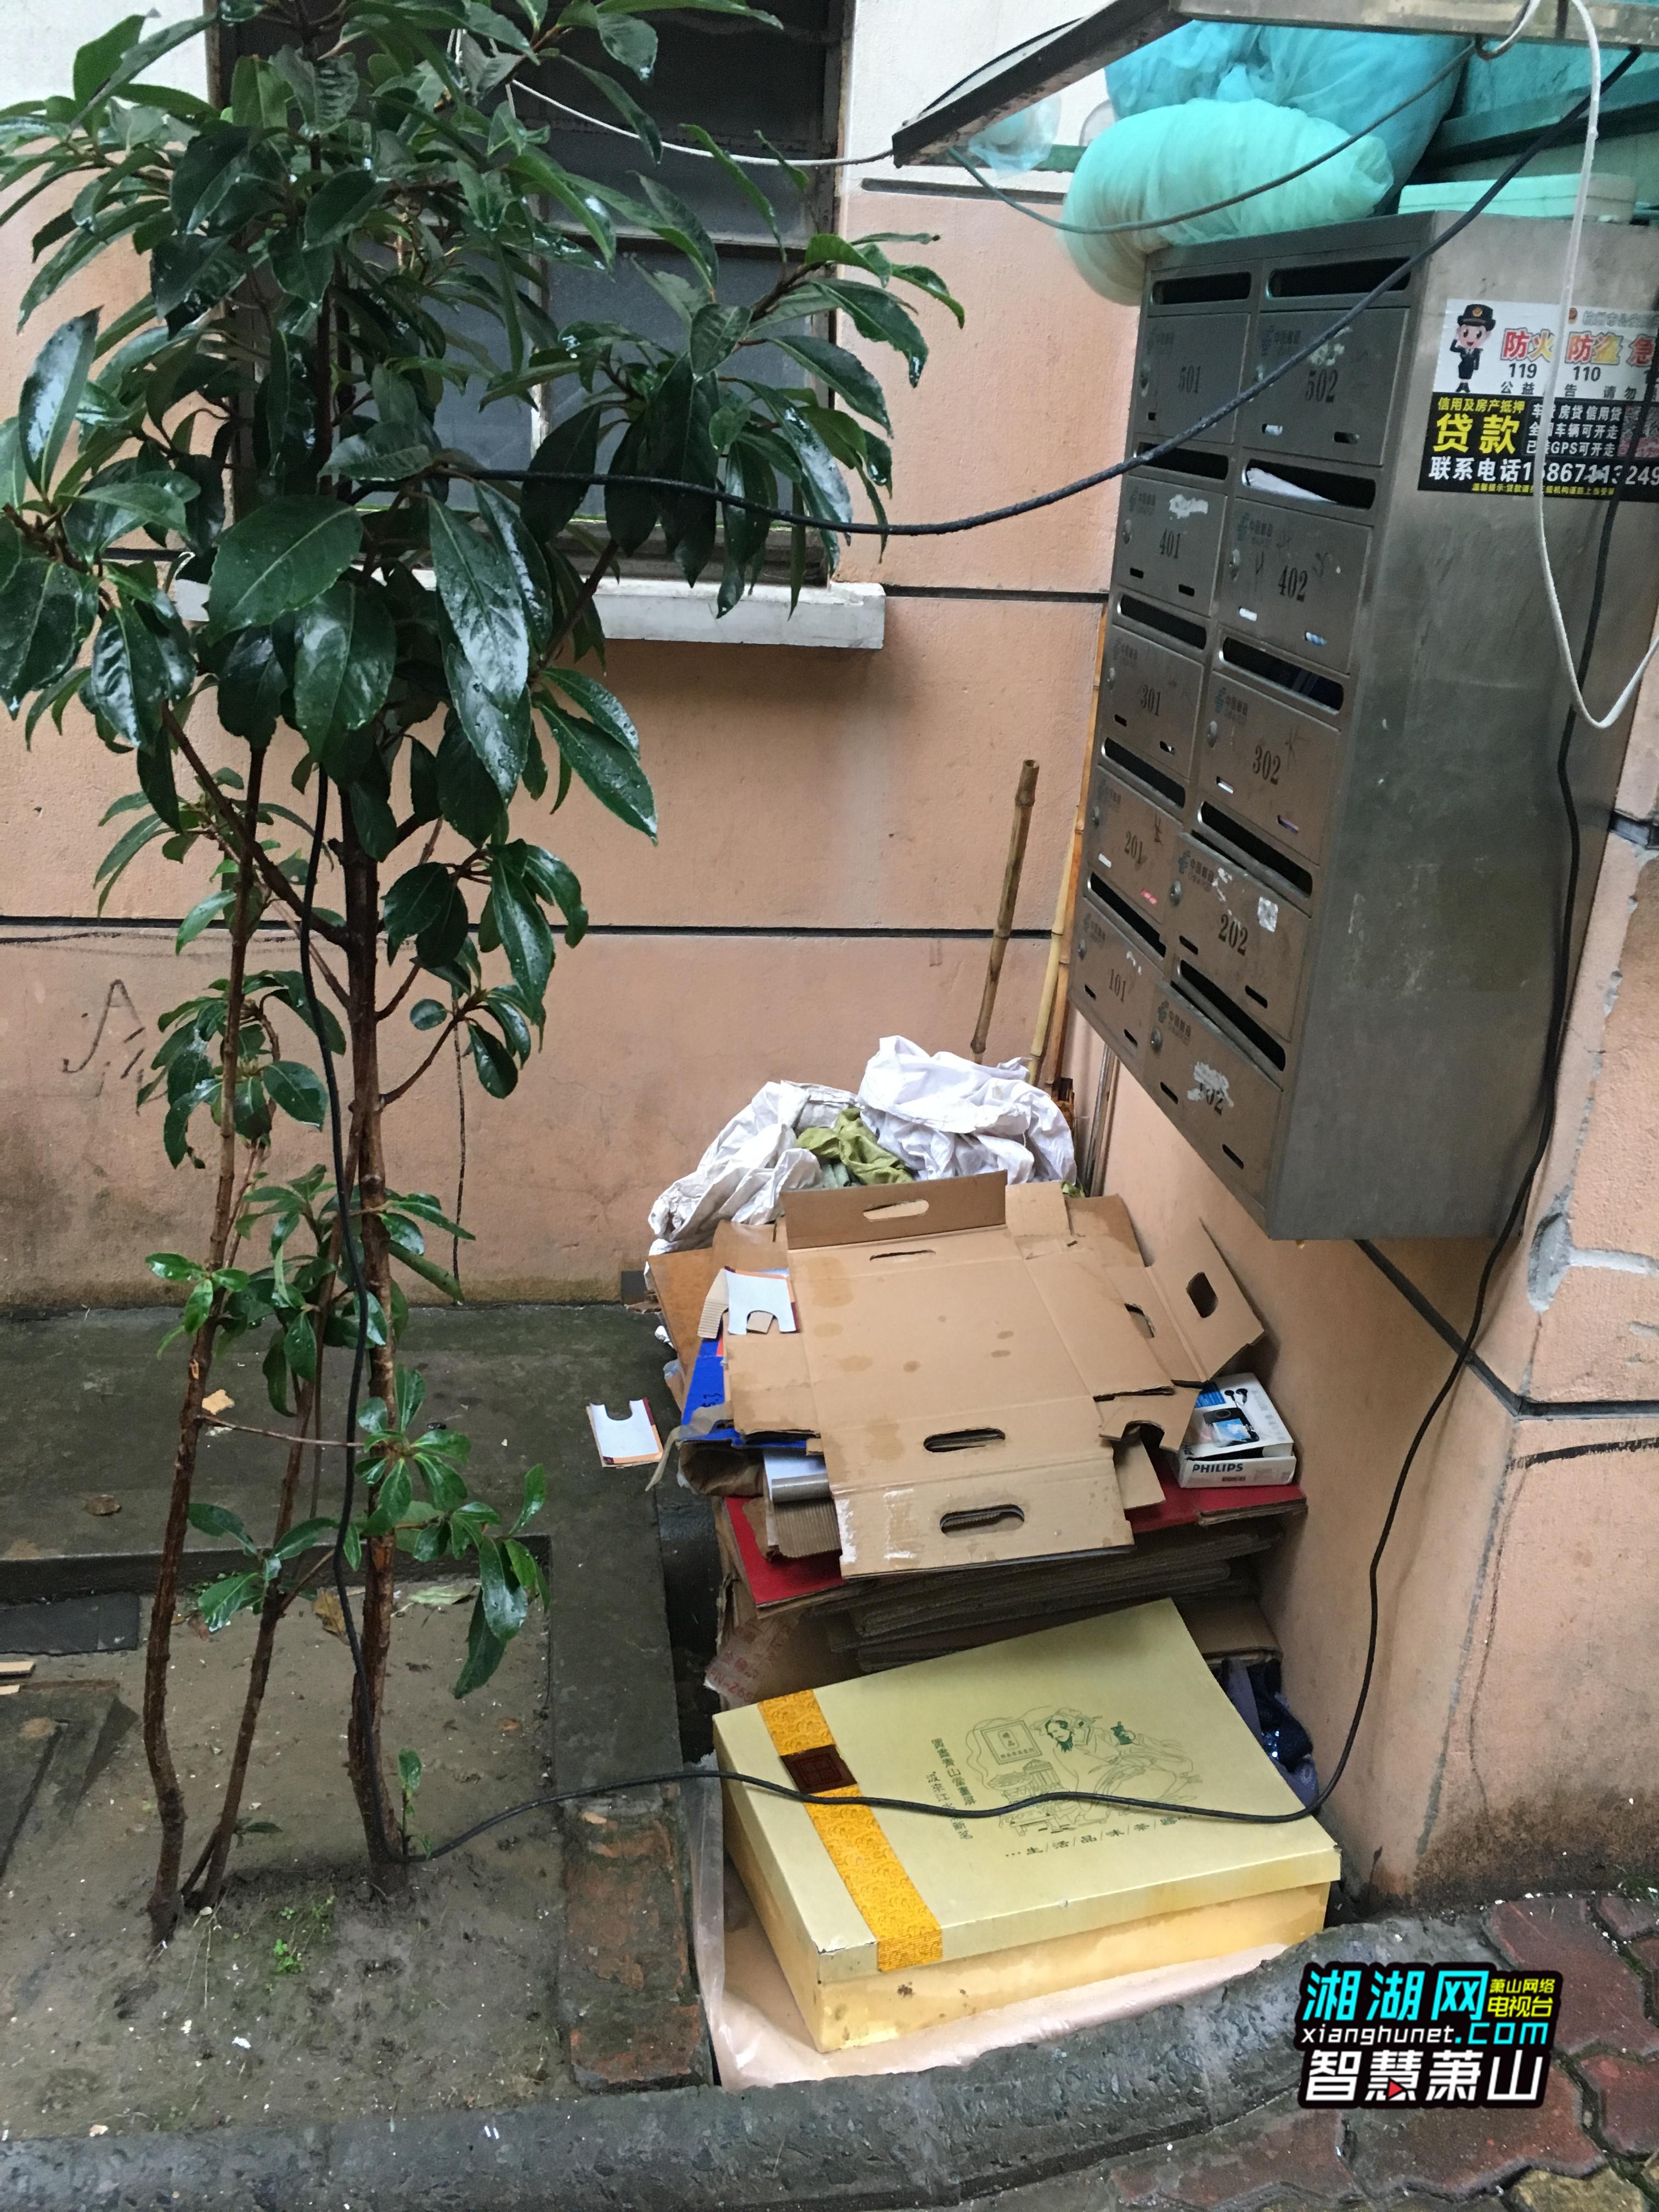 家住银河小区的居民向我们反映,他们小区里有一户人家在楼道口、单元门外长年堆放纸板,社区和小区物业曾多次去劝说,但是效果不大。  居民反映的这户人家位于银河小区27幢2单元一楼,居民们说,这户人家经常回收旧纸板,不仅会把纸板堆在单元门外,有时还堆到旁边的绿化带内。单元楼外停着的三轮车和小货车也是1楼住户用来堆放旧纸板的,行人和车辆通过时感觉十分不便。采访时,住户们都不愿意面对镜头,大家表示,都是邻居不便多说。随后,记者找到了这户一楼住户,葛大妈说,自己收入较低,想着攒些旧纸板卖钱来贴补家用,这些纸板都是亲戚